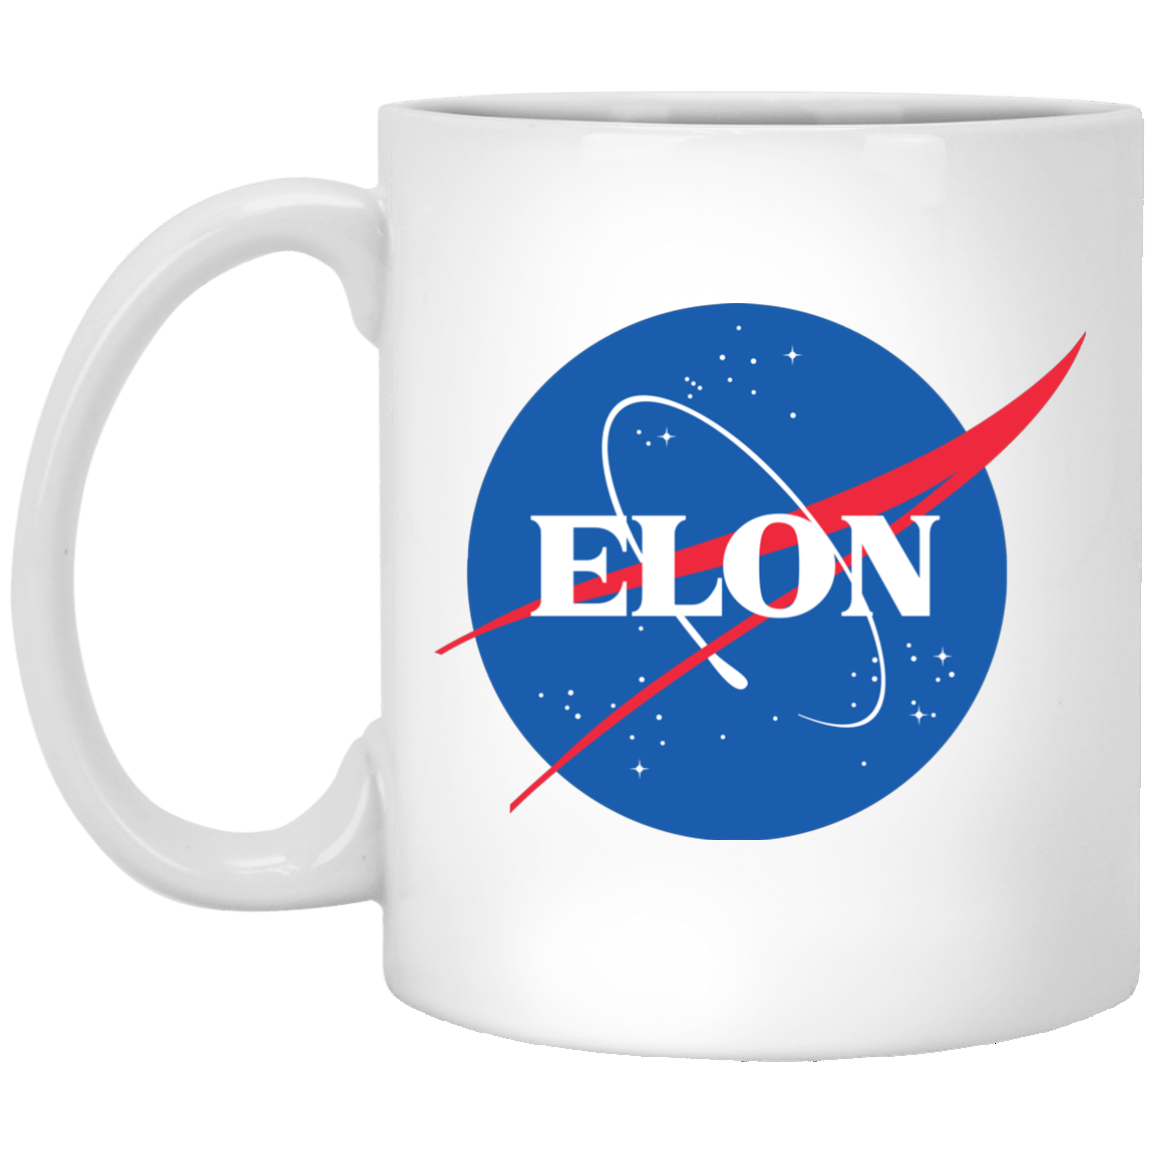 Elon Nasa parody mug